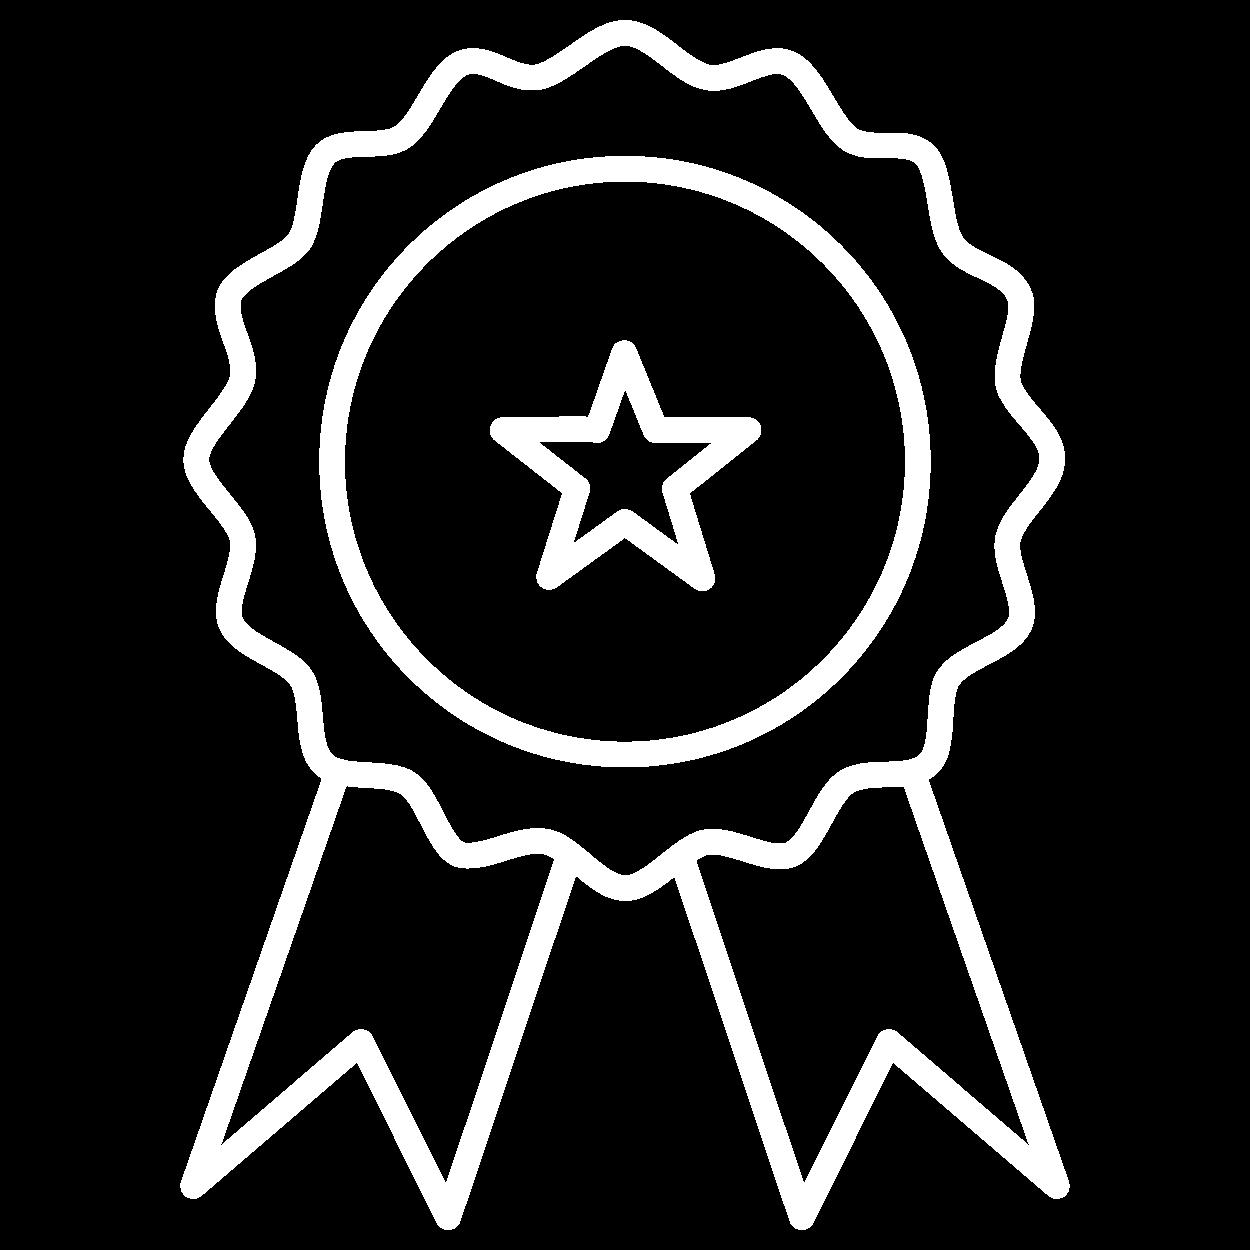 icone conquista